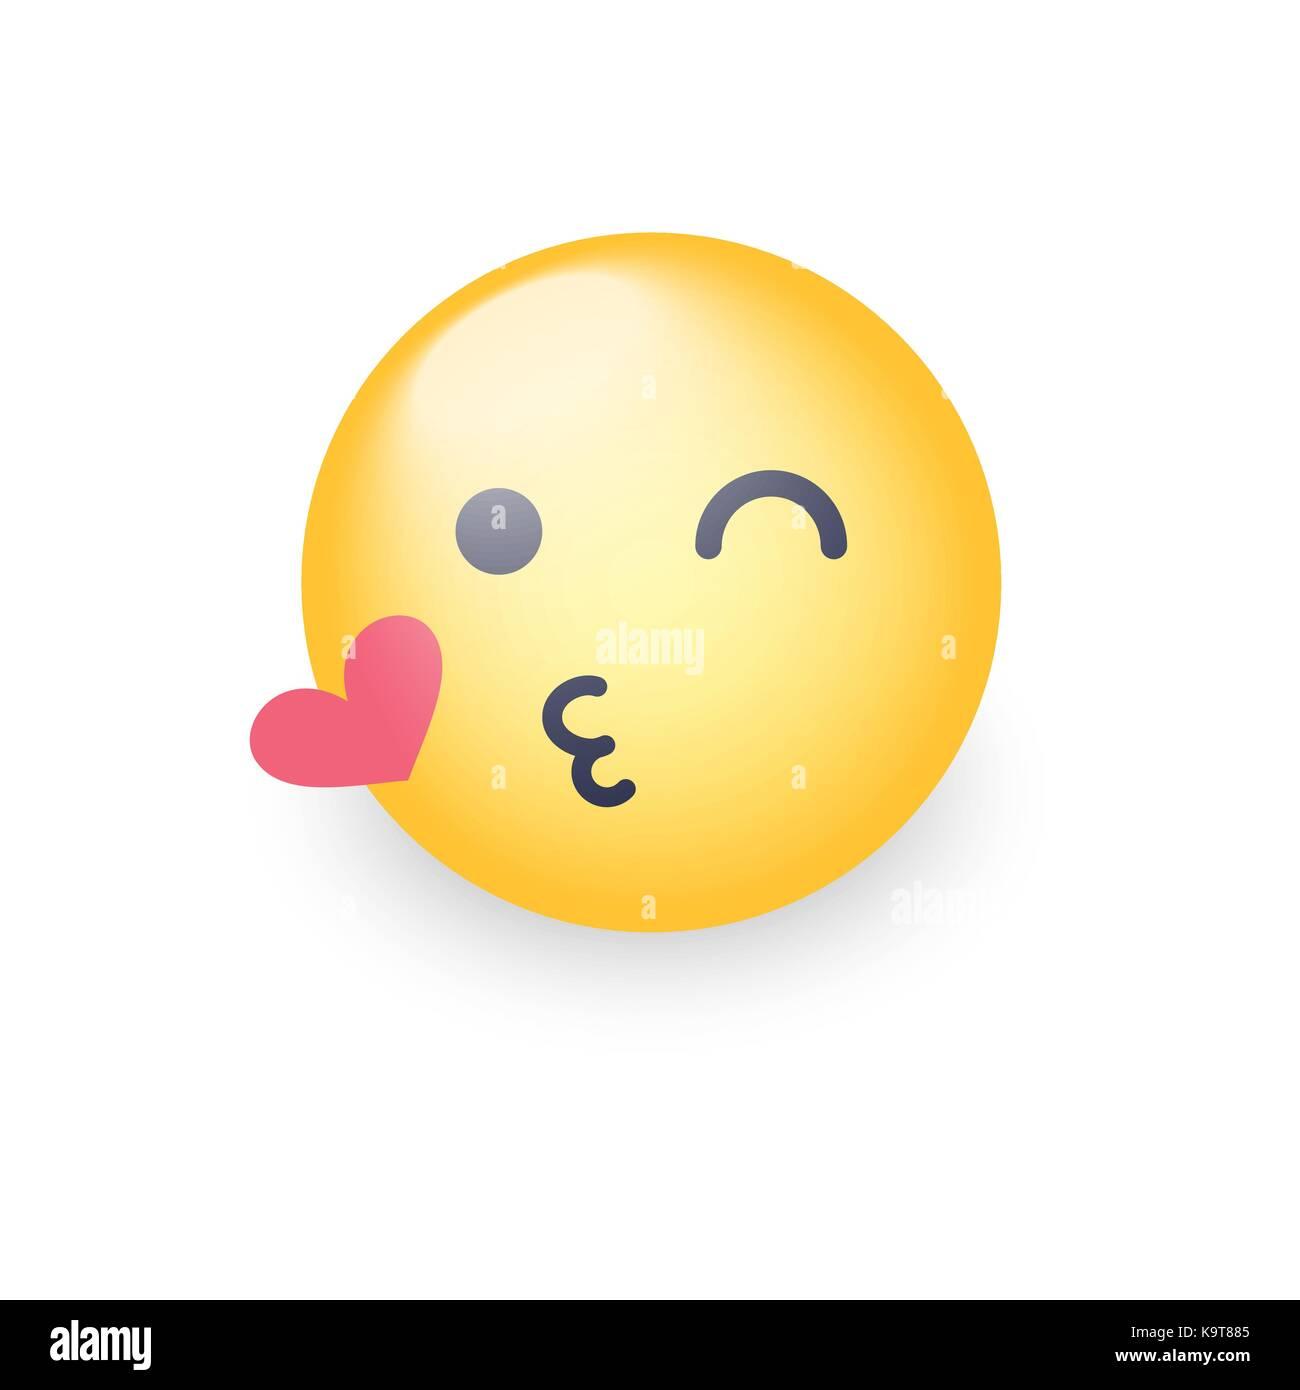 Face Jetant Une Emoticone Clignant Kiss Smiley Avec Un Coeur D Amour Bonne Pour Les Applications Emoji Et Chat Baisers Vector Emoticone Image Vectorielle Stock Alamy